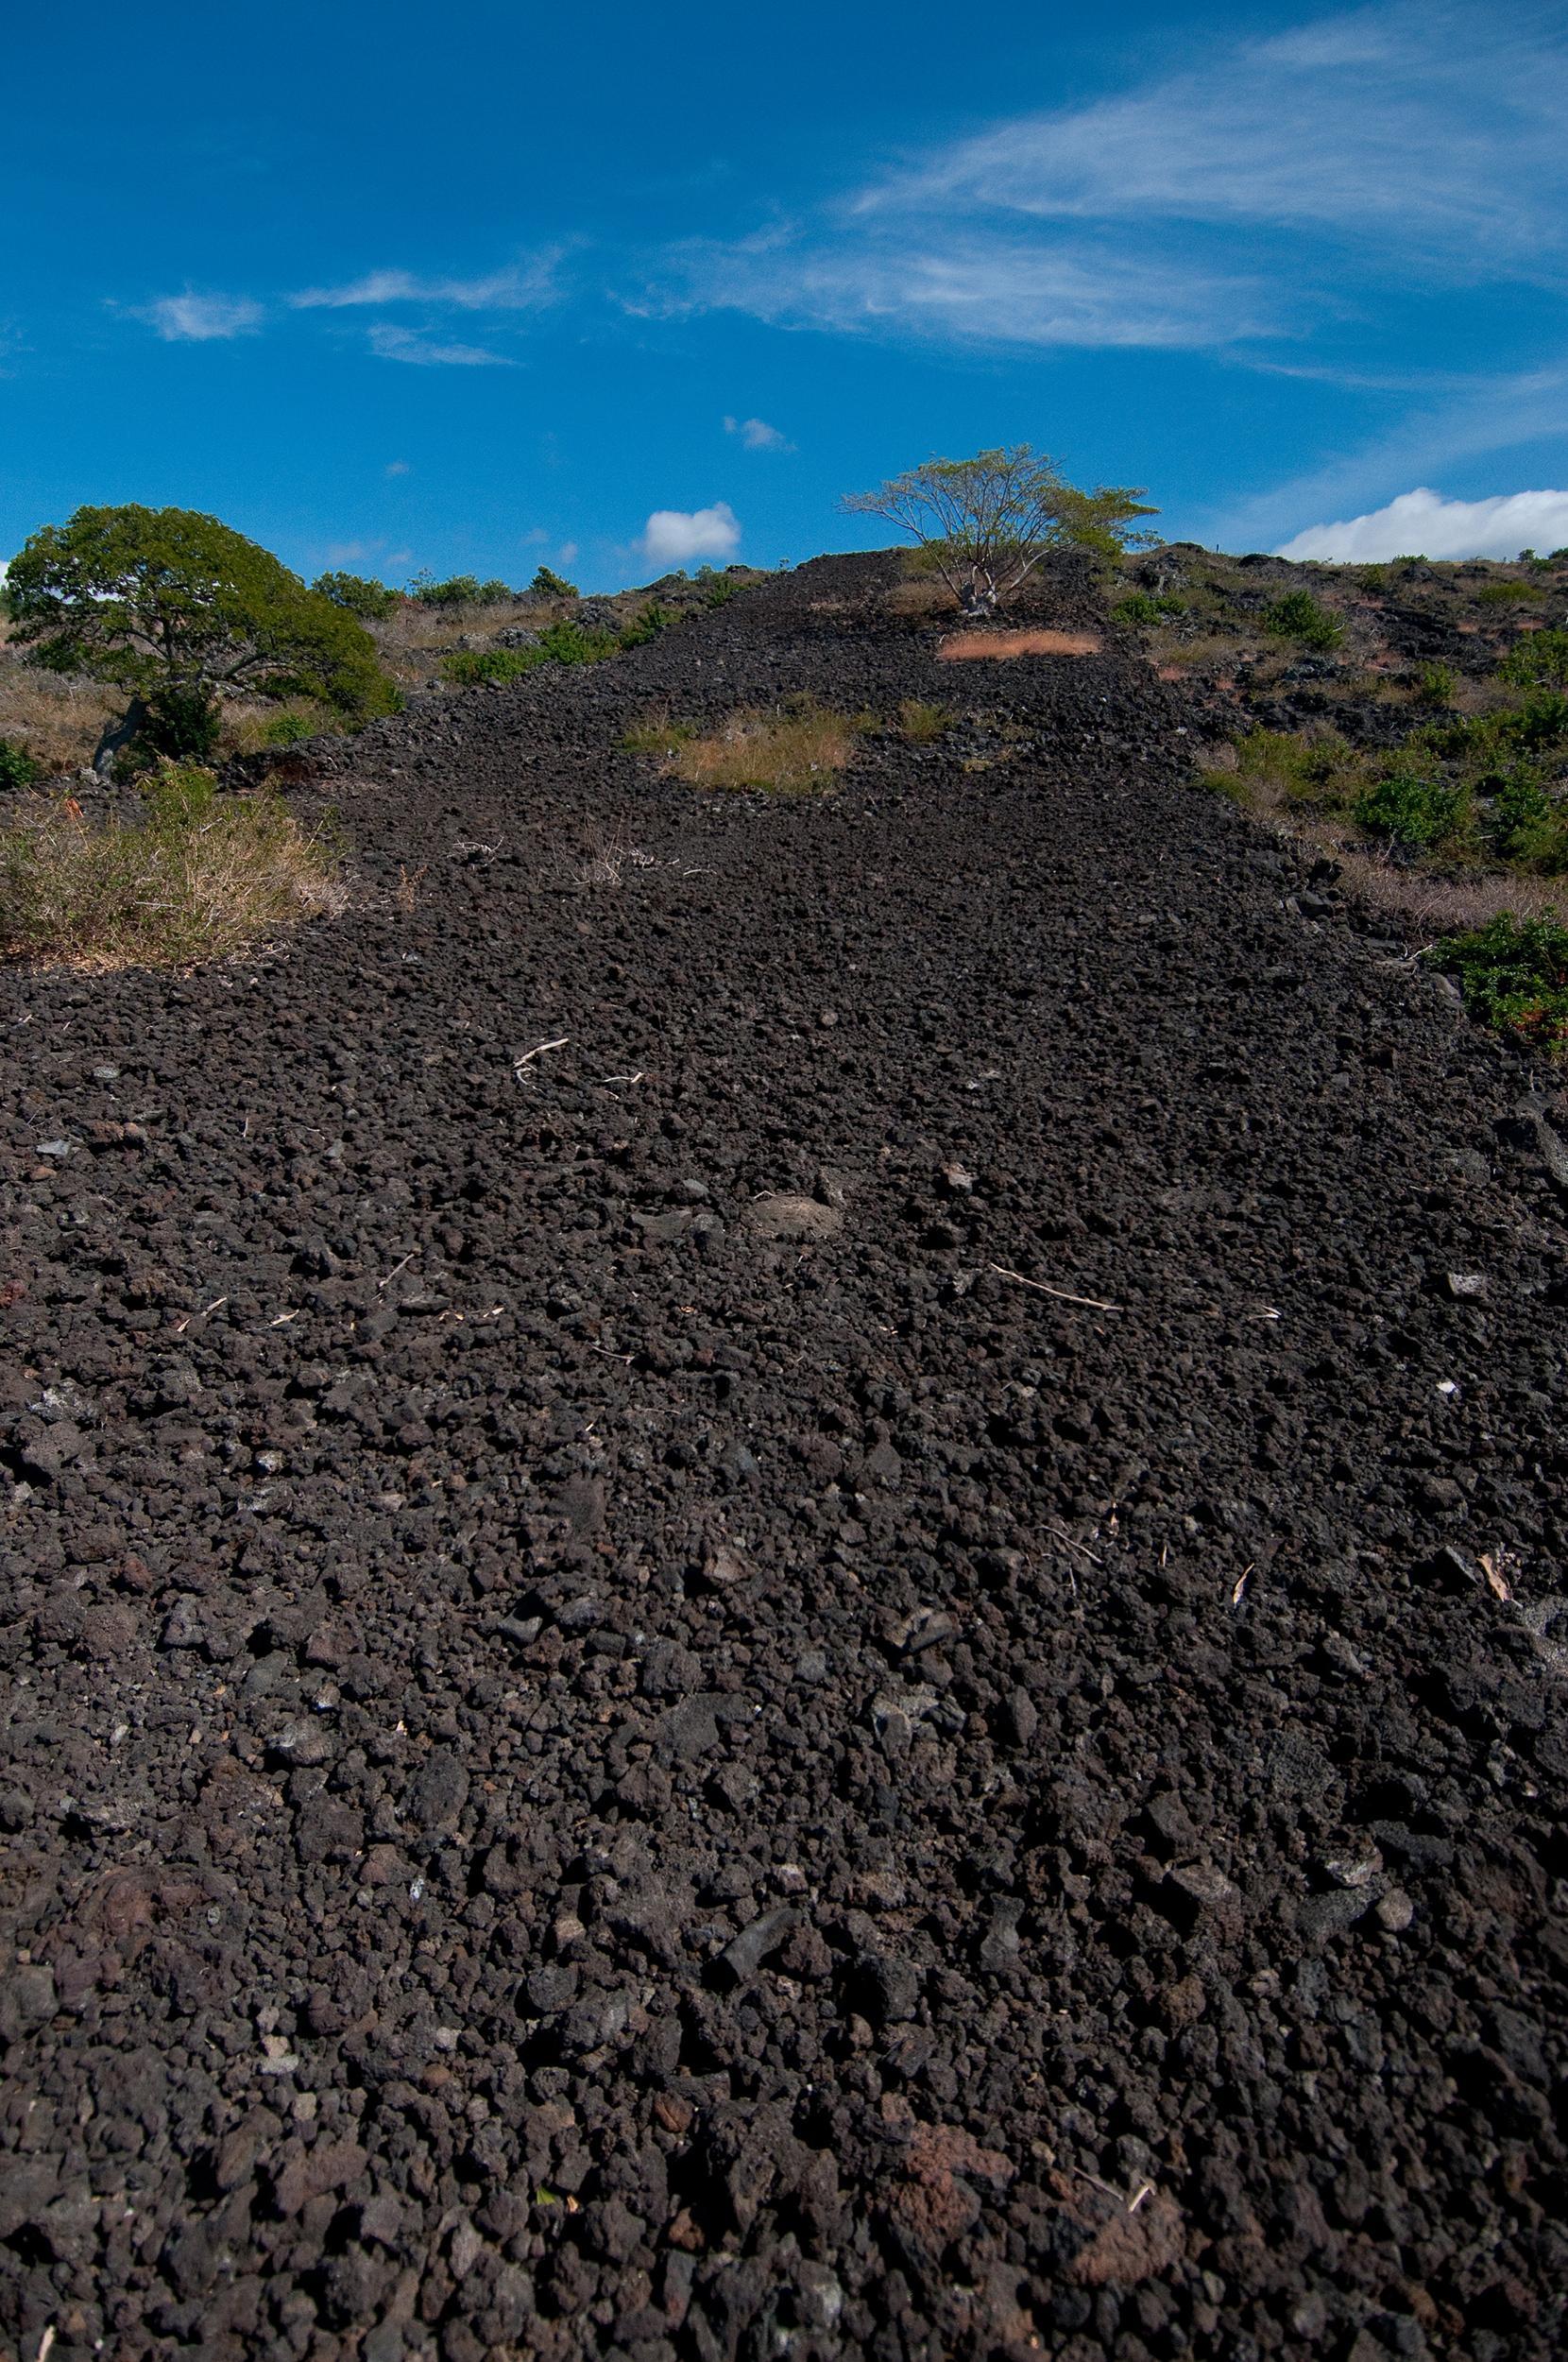 [Hōlua riding course] Photo by Ruben Carillo.